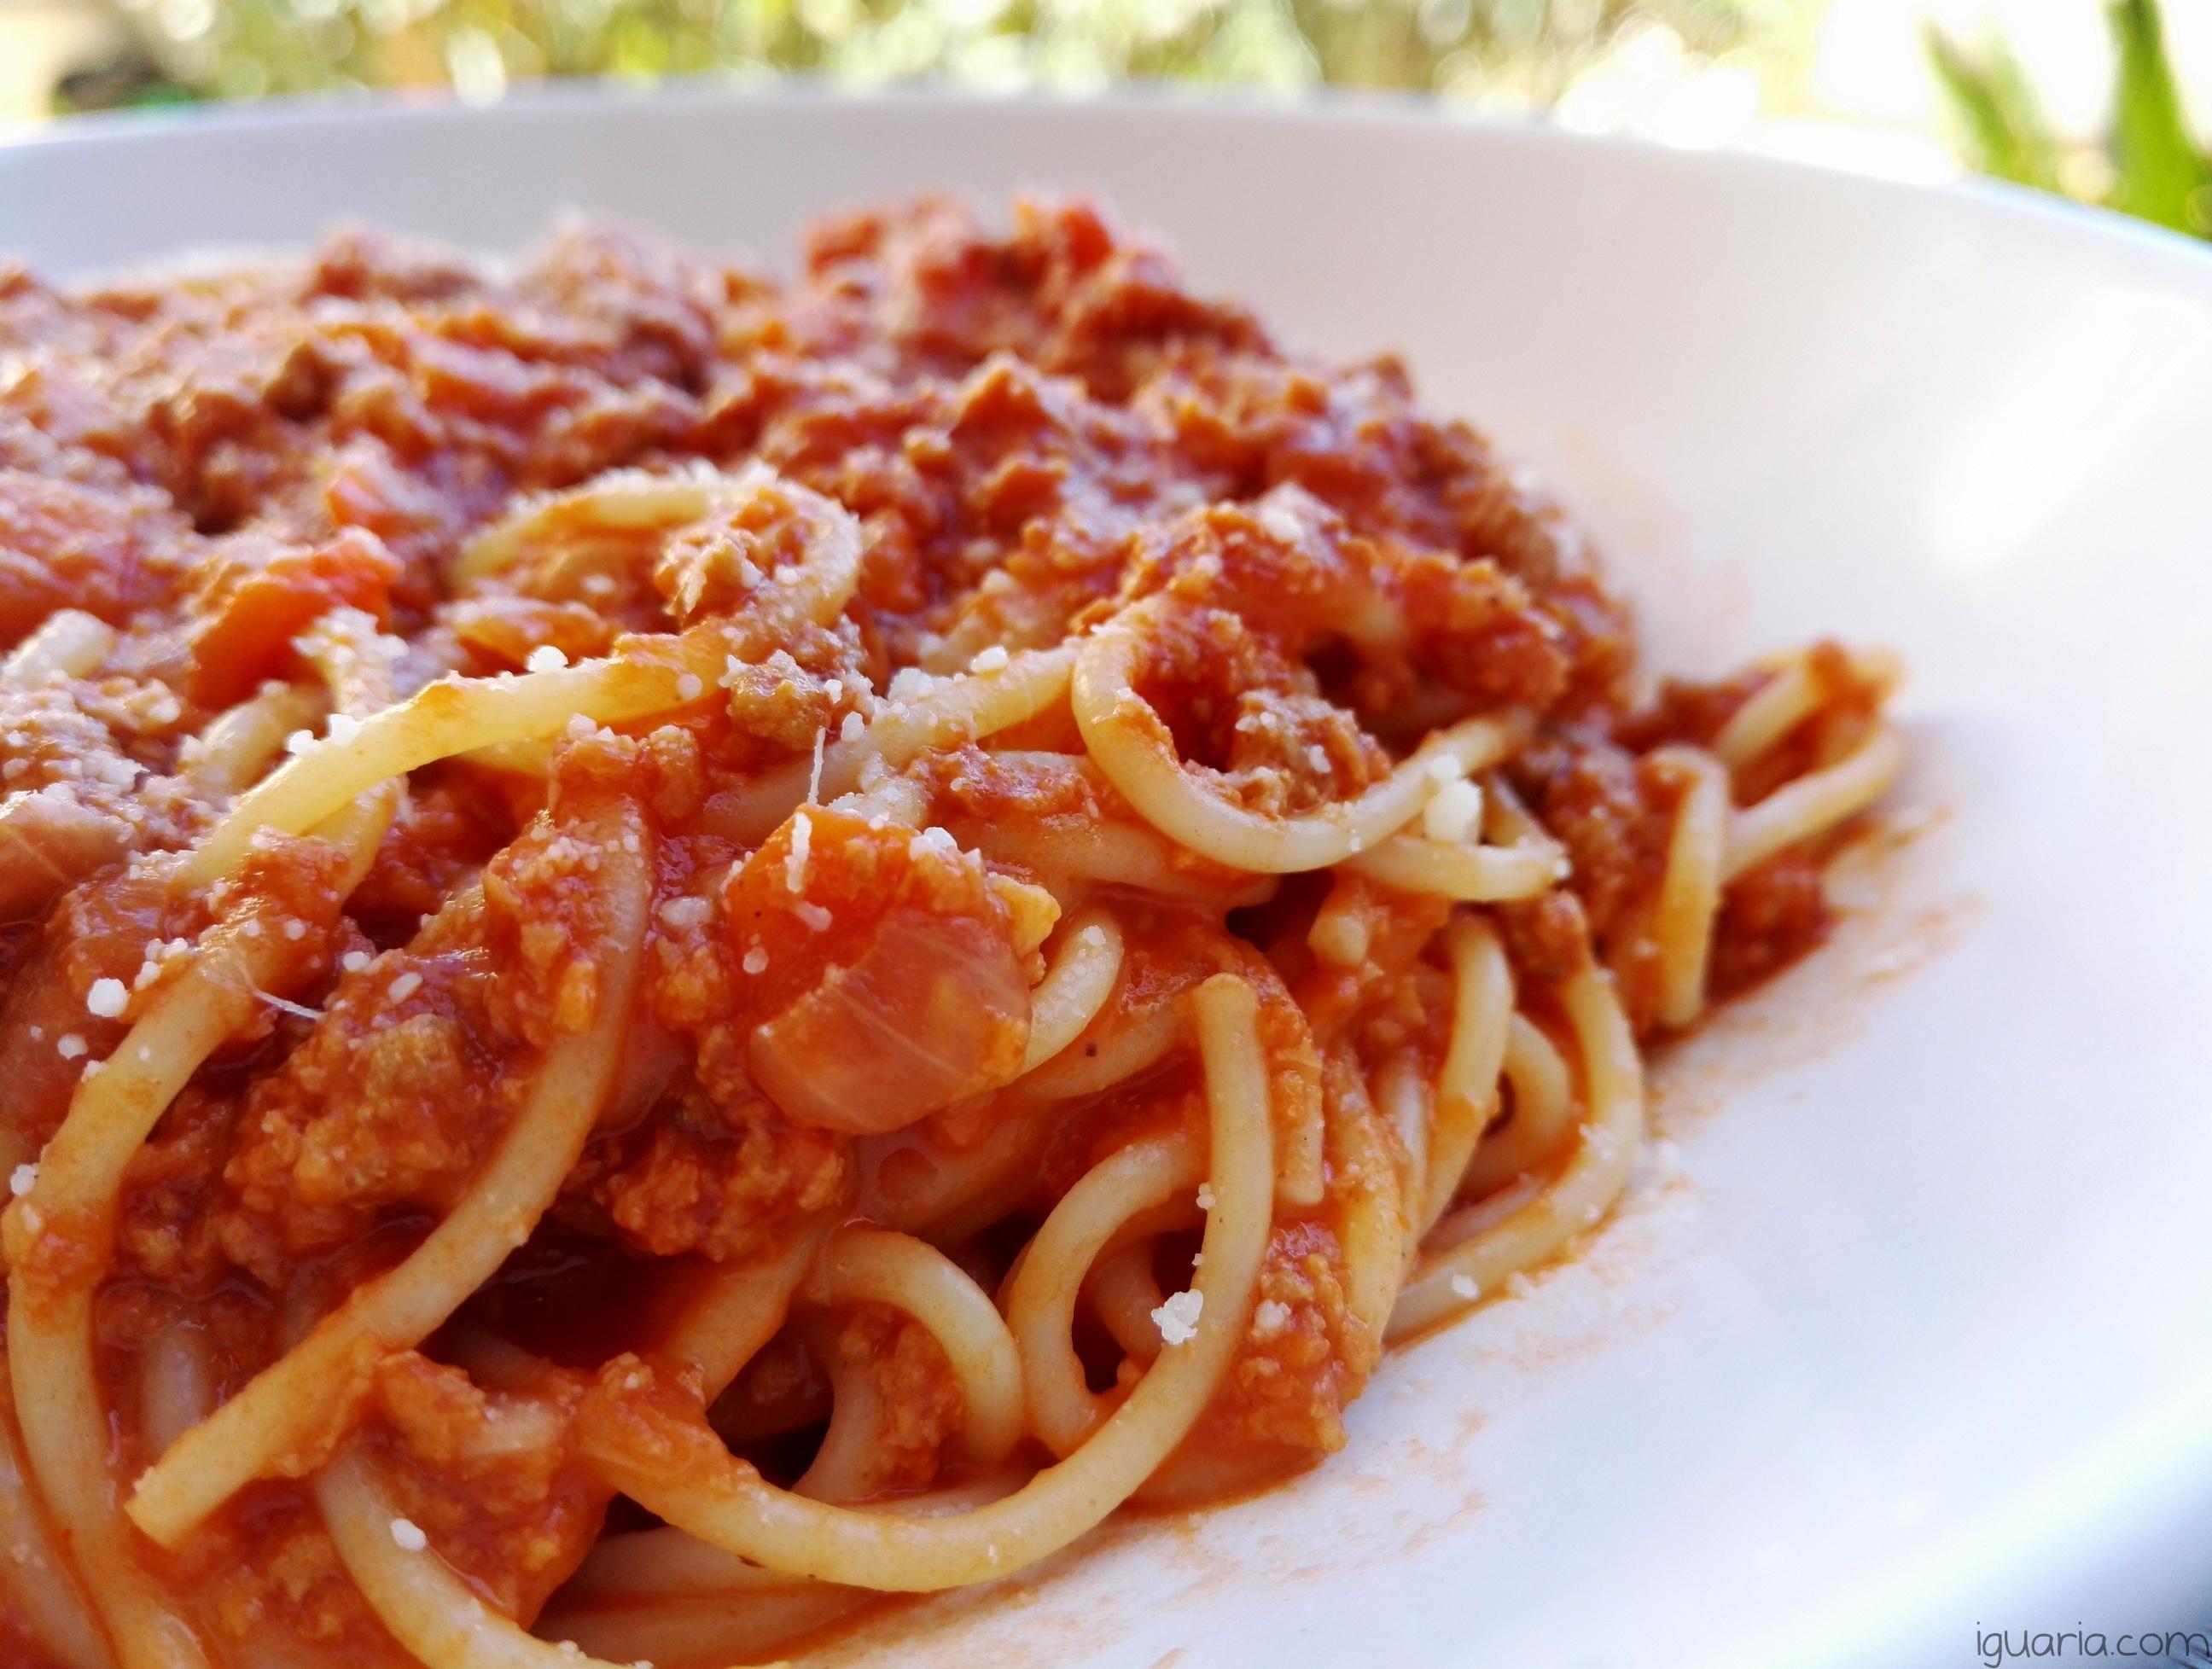 iguaria-esparguete-com-bolonhesa-porco-vaca